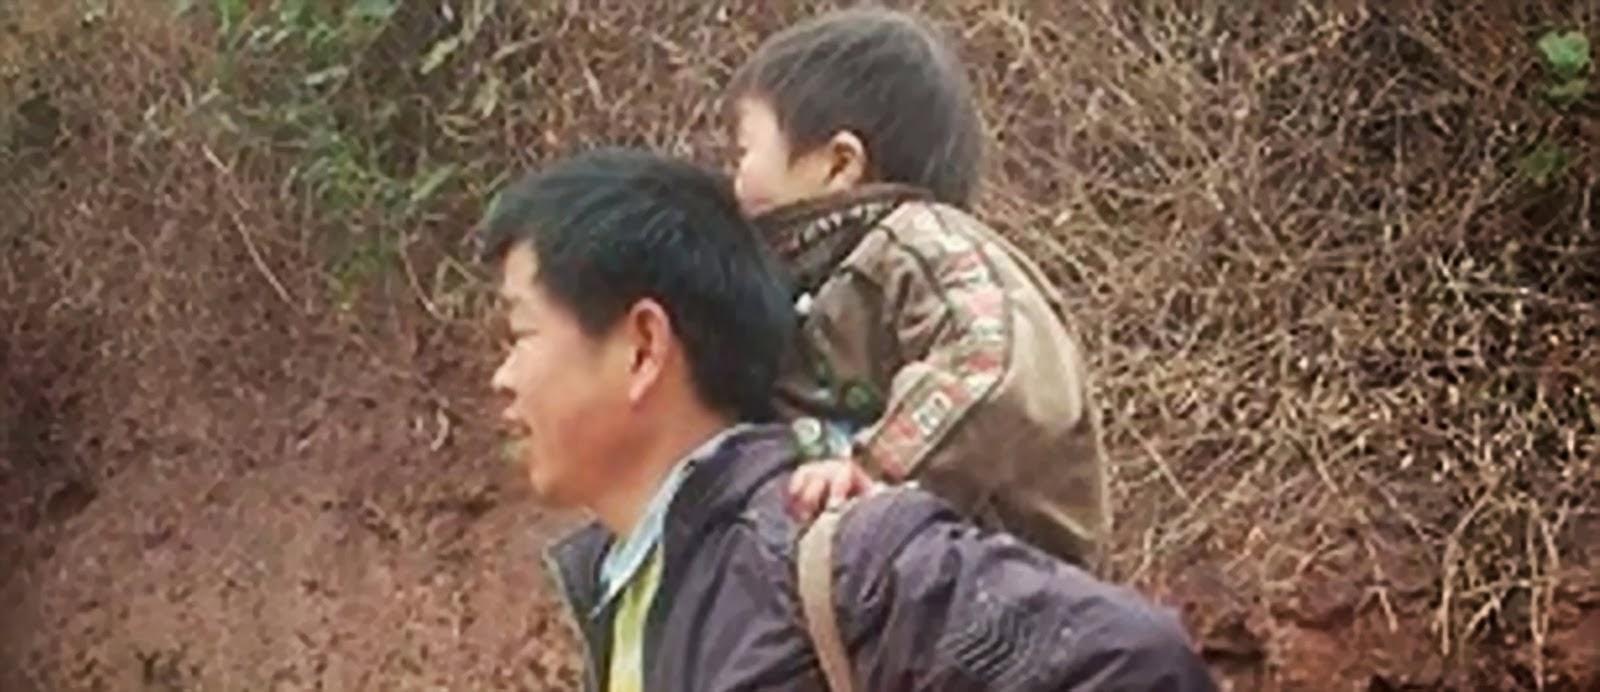 28 Km Menggendong Anak Difabel ke Sekolah